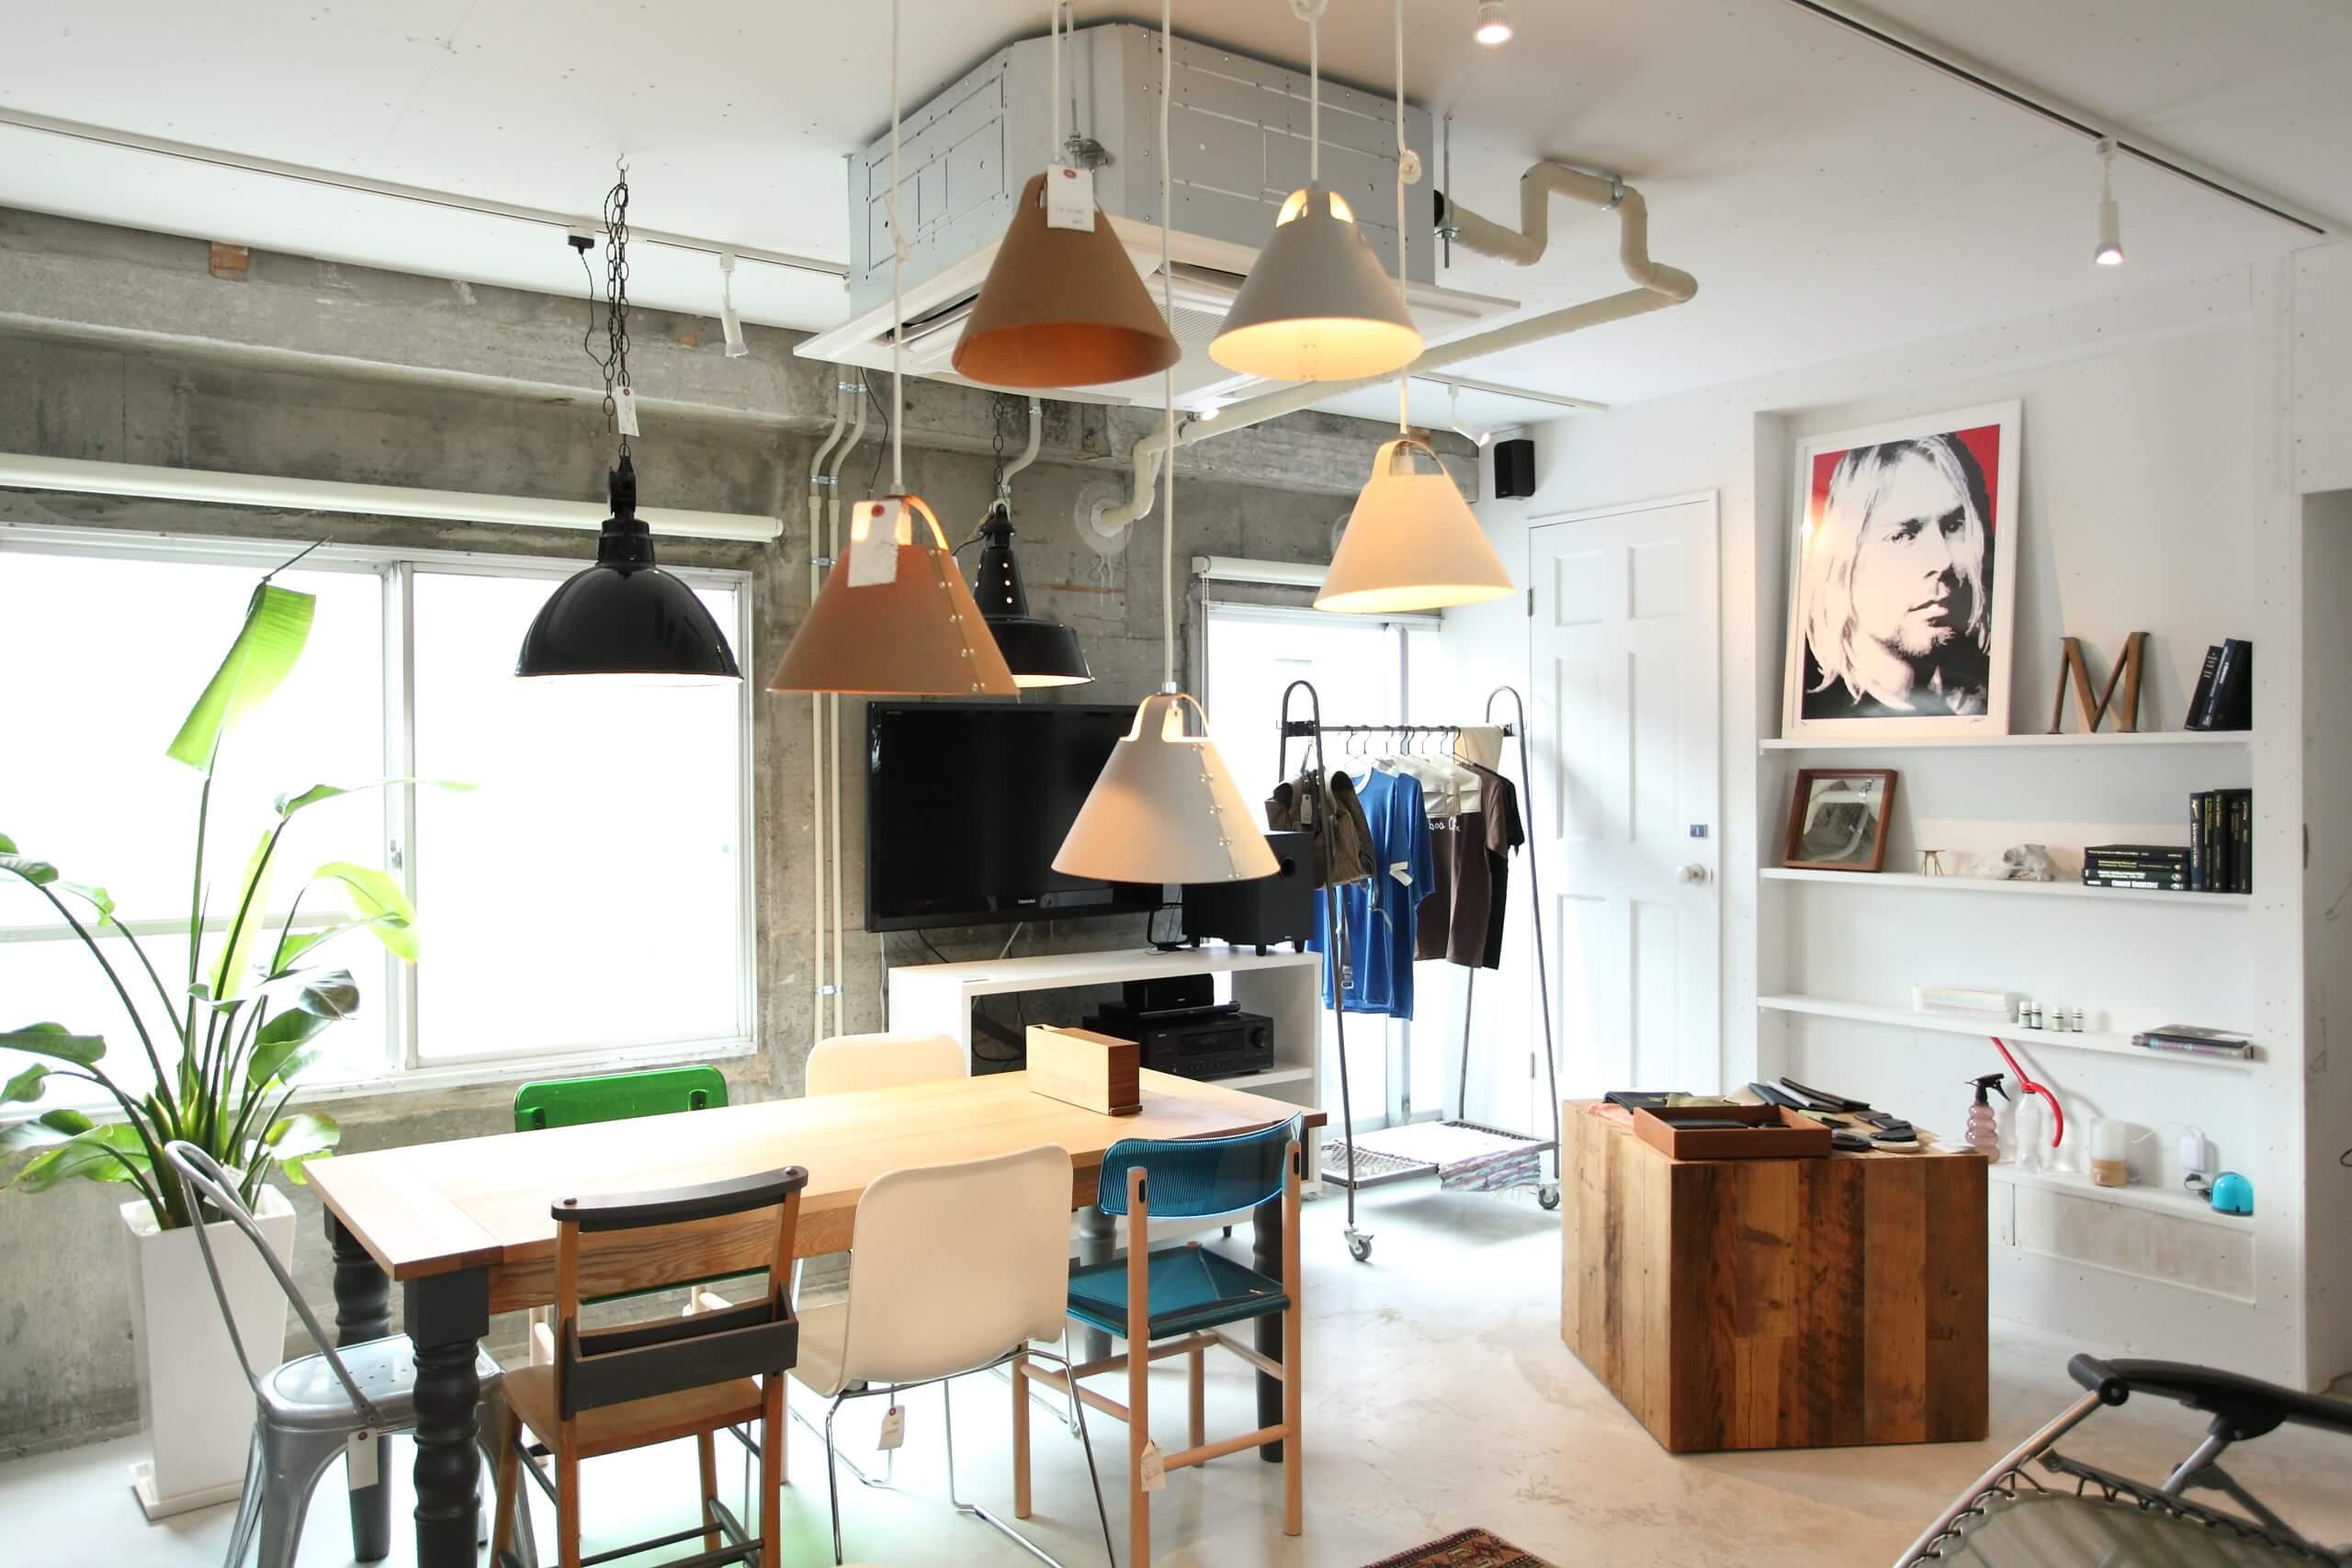 IMG_2931-scaled 照明が店内の雰囲気を変える?照明の店舗補修をしよう!